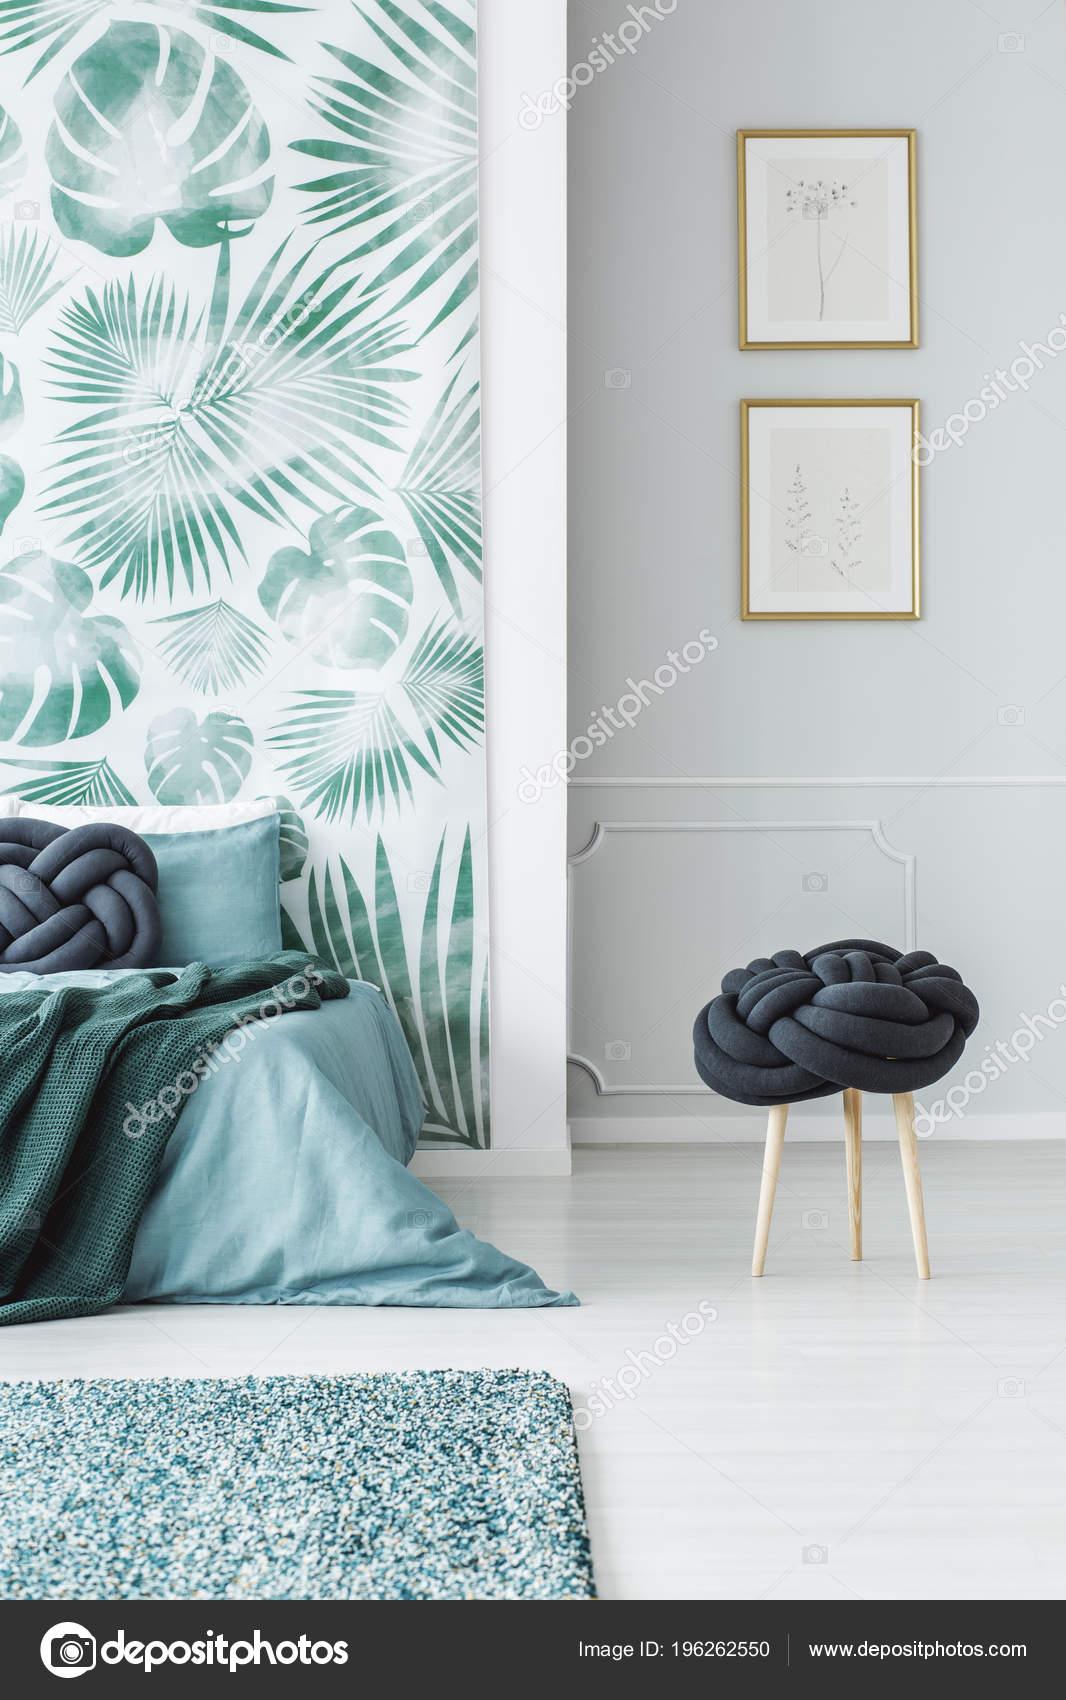 Kruk Naast Bed Slaapkamer Interieur Met Bladeren Behang Posters Muur ...